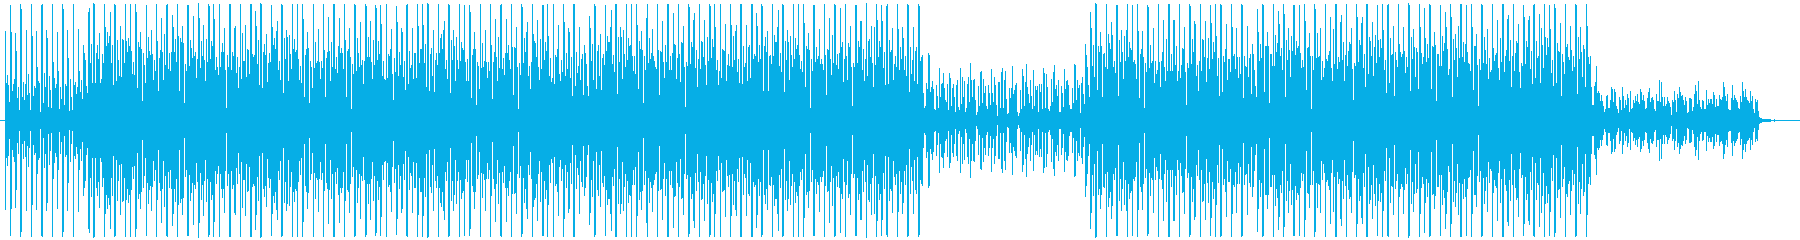 洋楽、ディスコ、ファンク、ヒップホップ♫の再生済みの波形